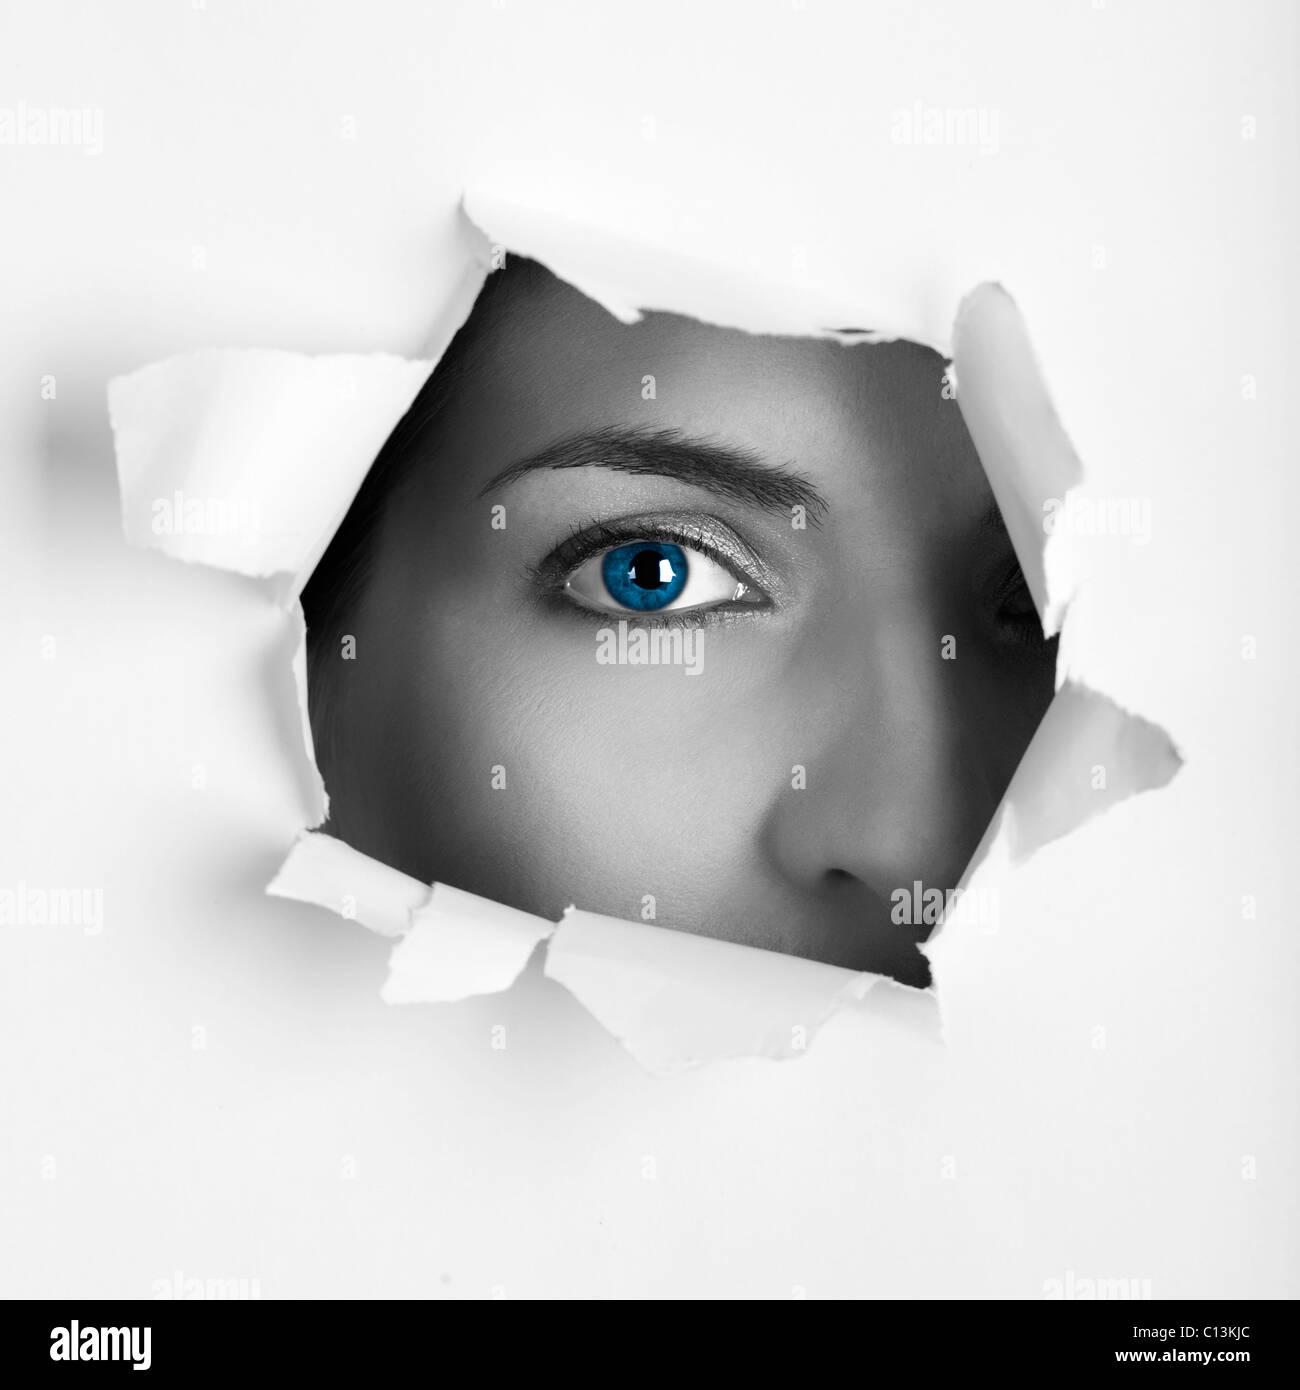 Hermosa hembra blue eye mirando a través de un orificio en una hoja de papel. Foto de stock